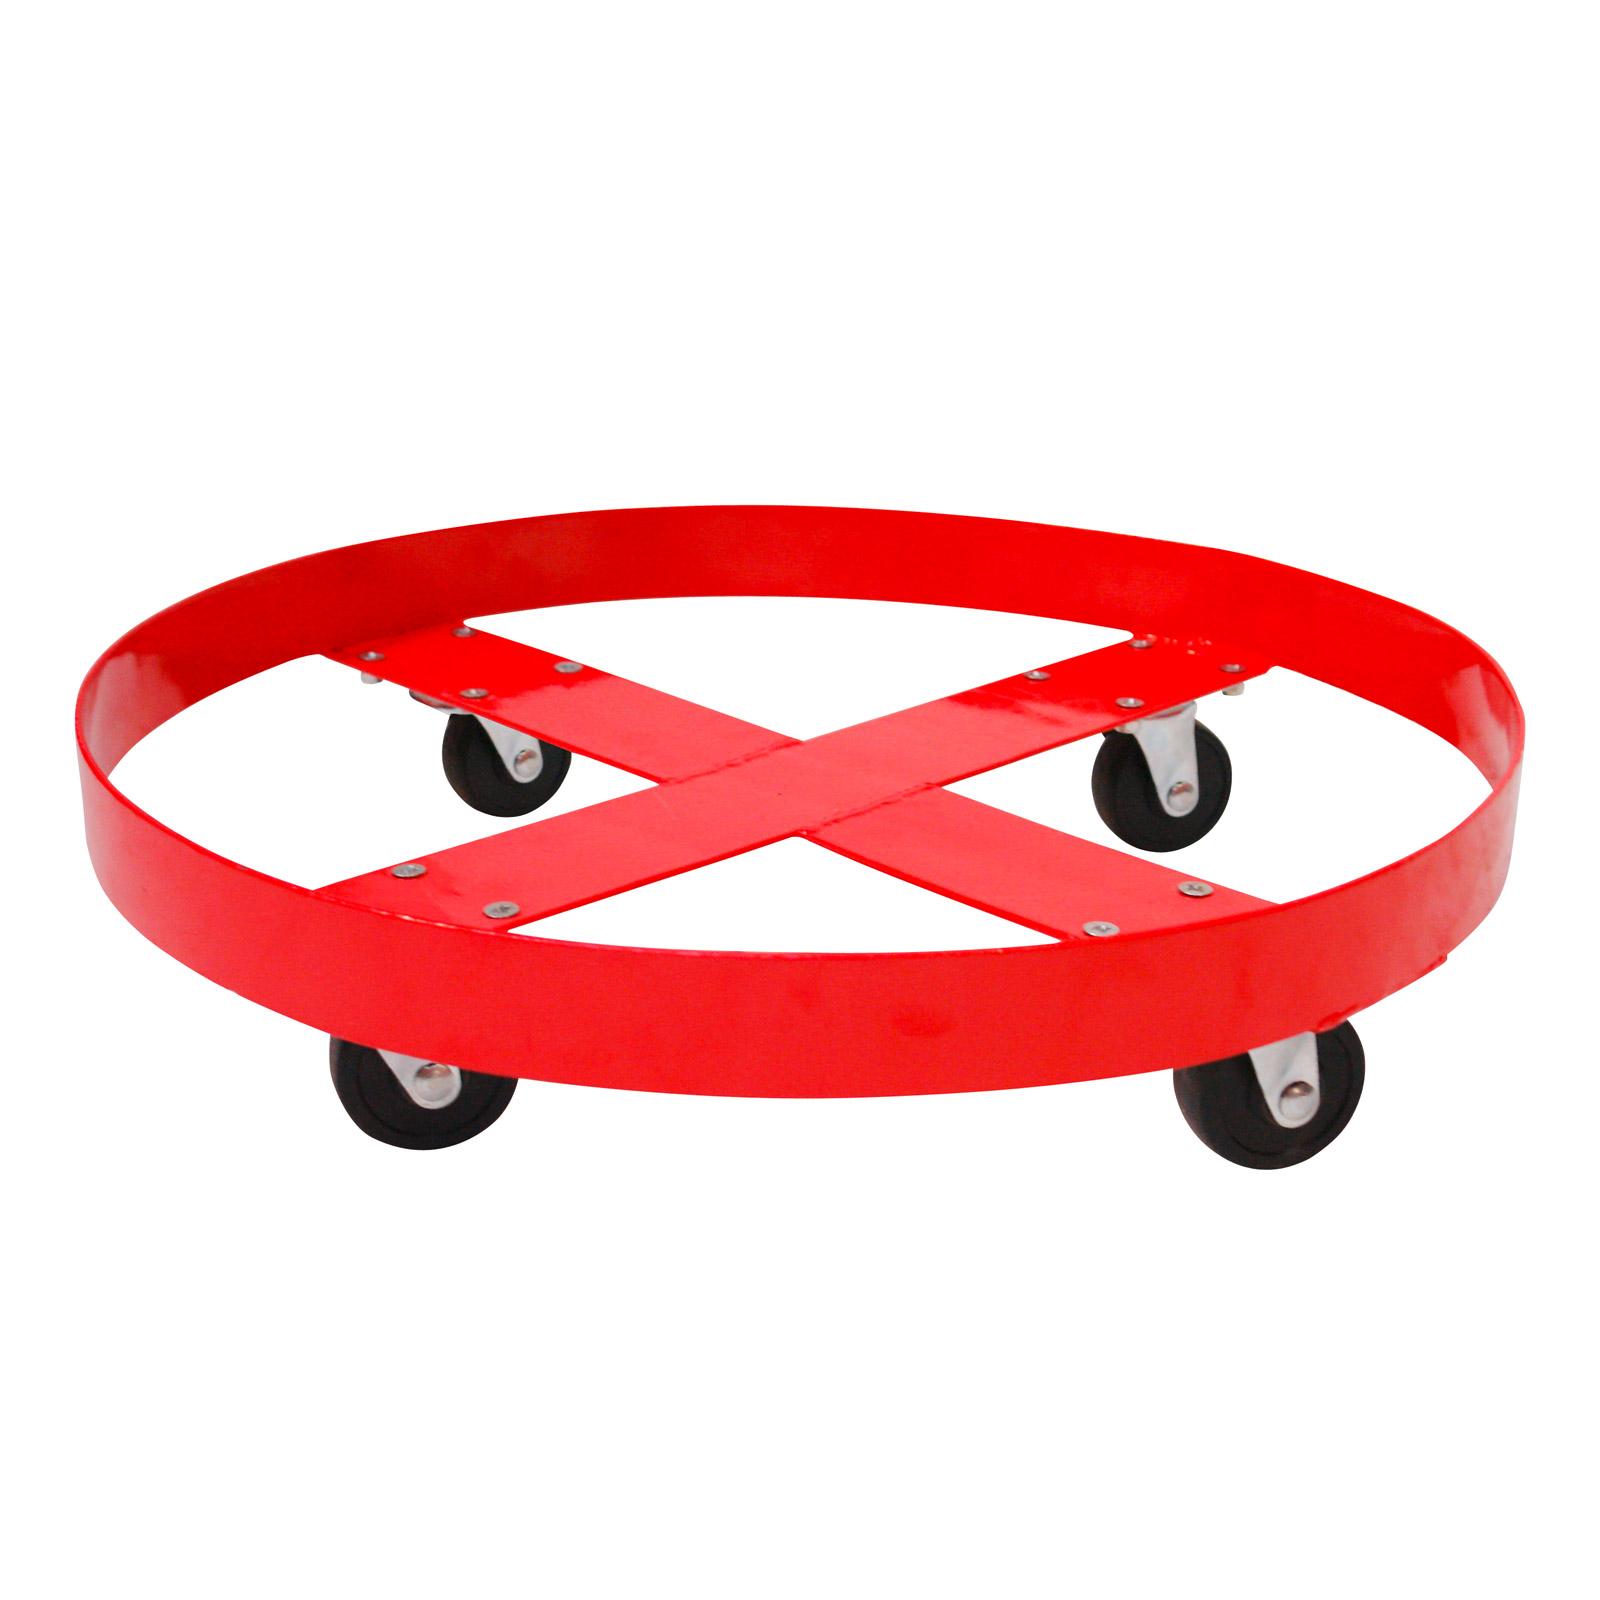 Dema Fassroller Transportroller FR für 200 Liter Fass 15200